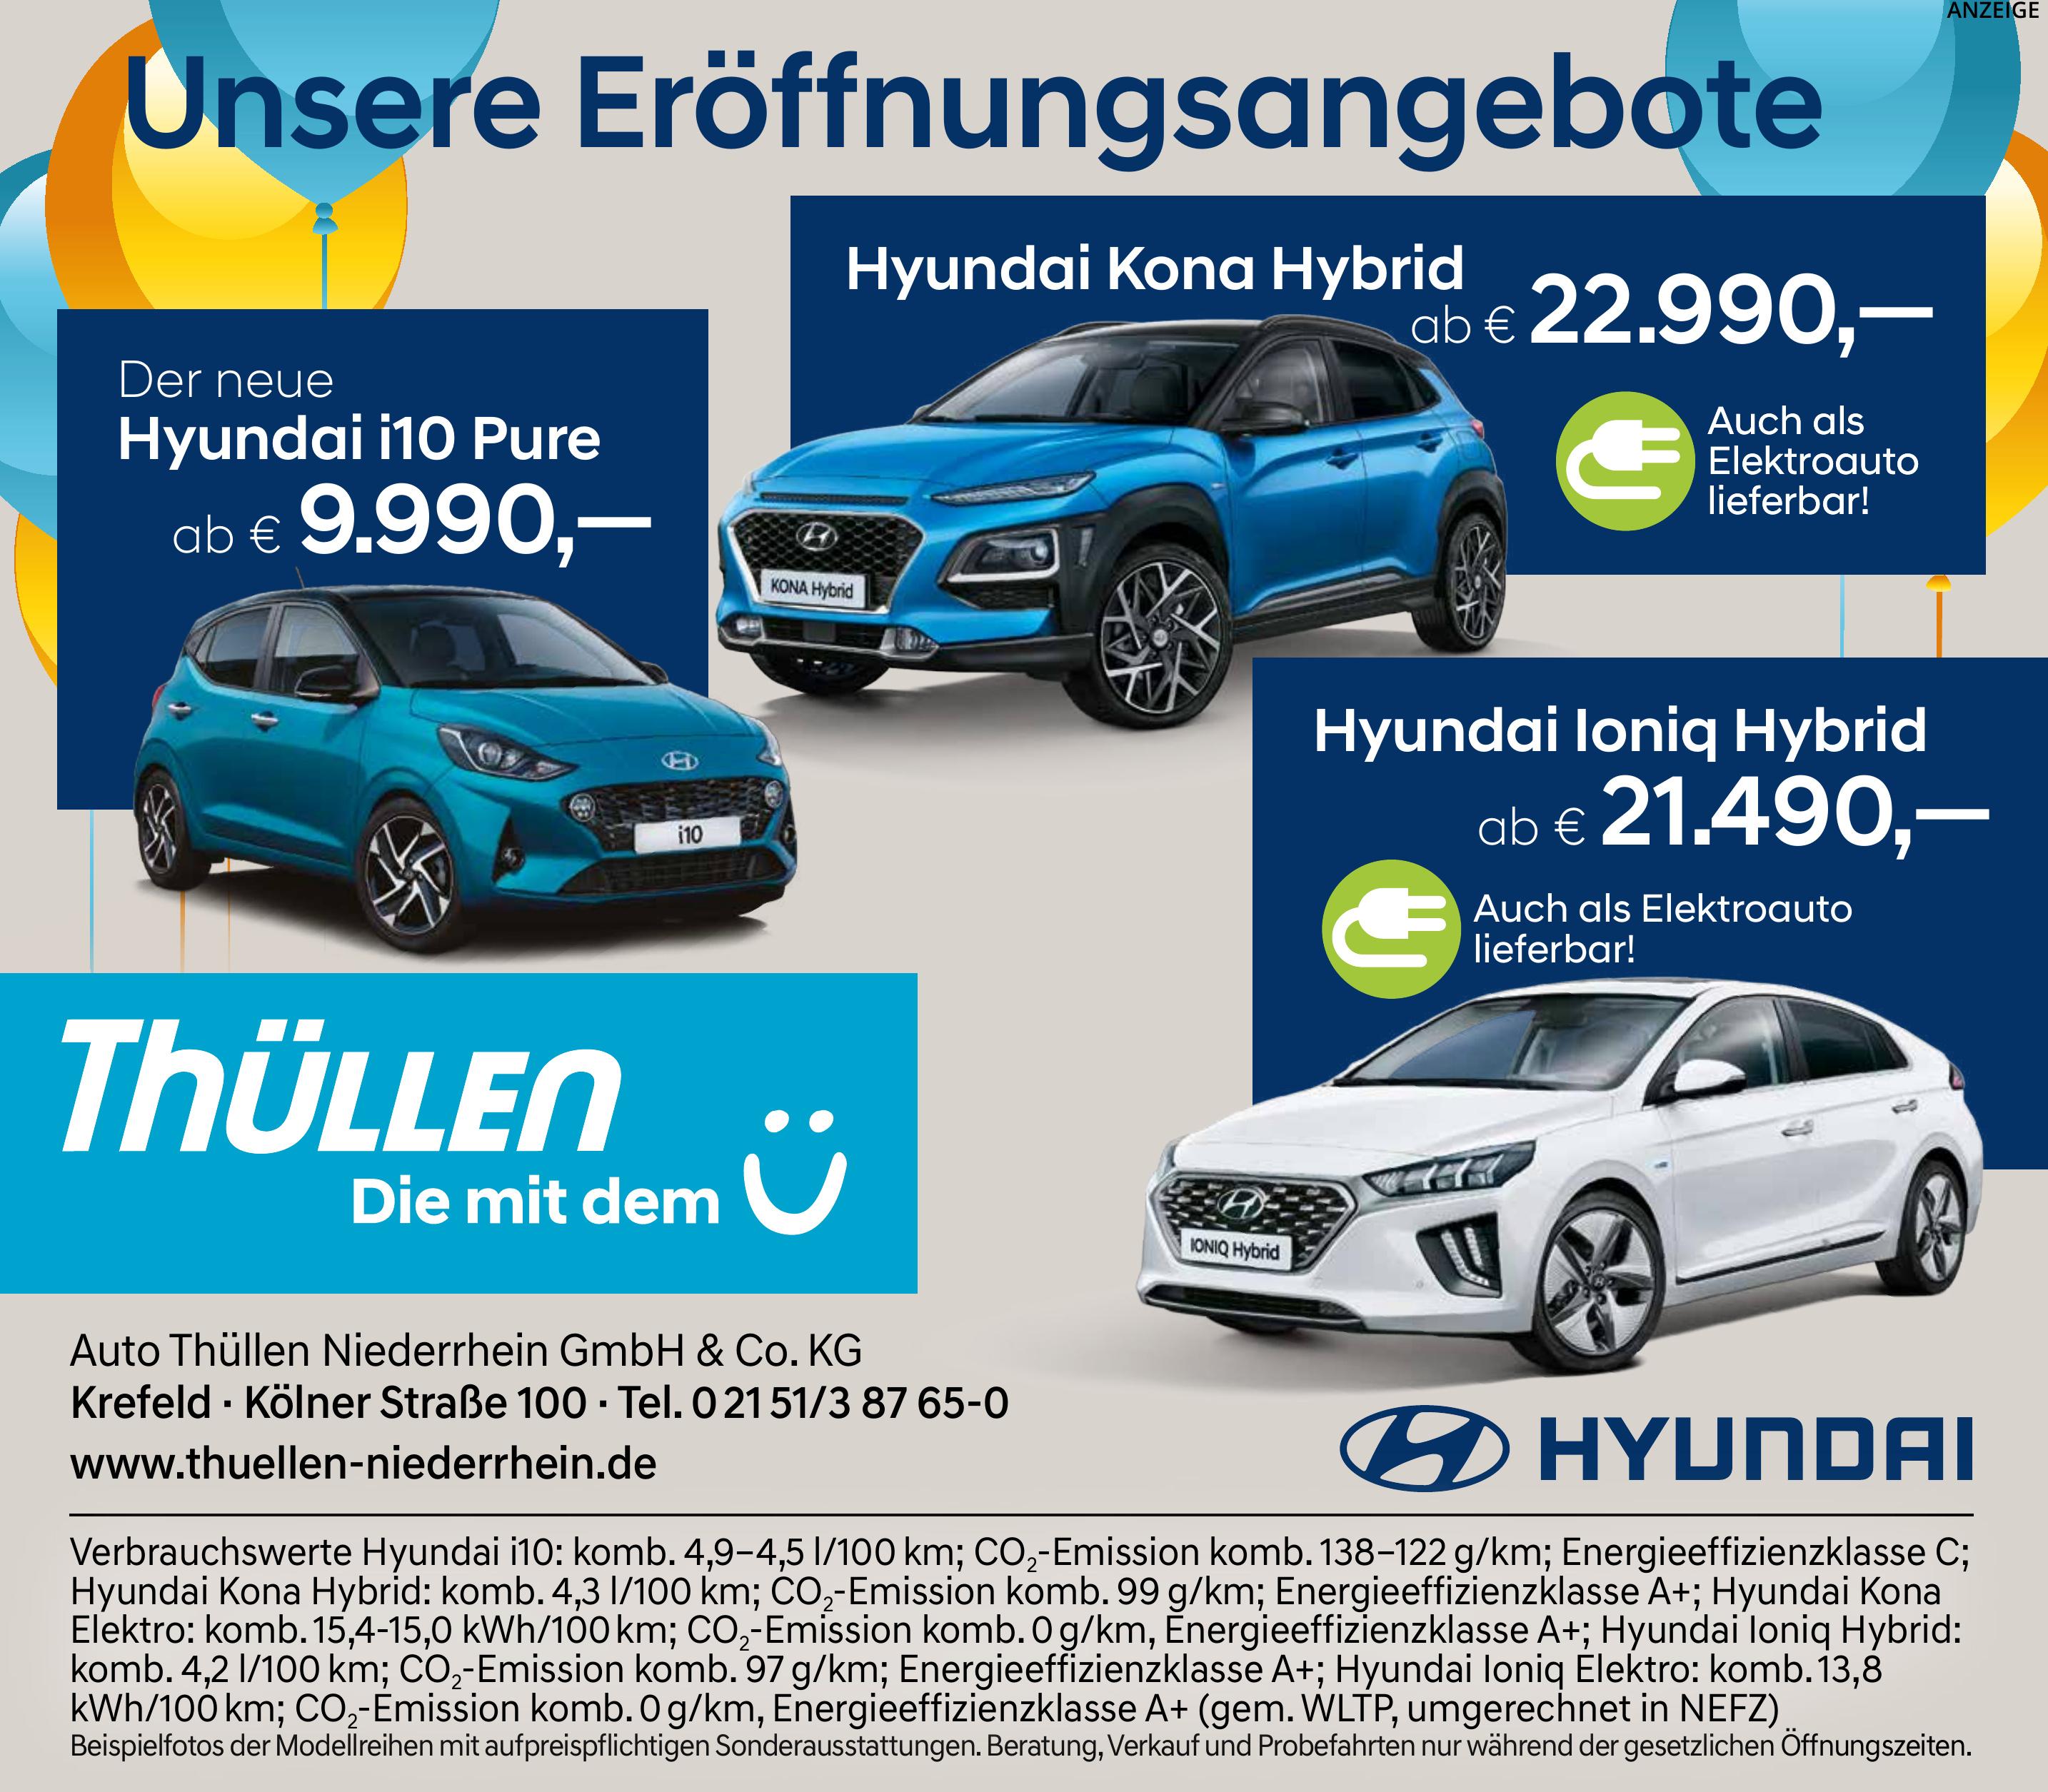 Auto Thüllen Niederrhein GmbH & Co. KG